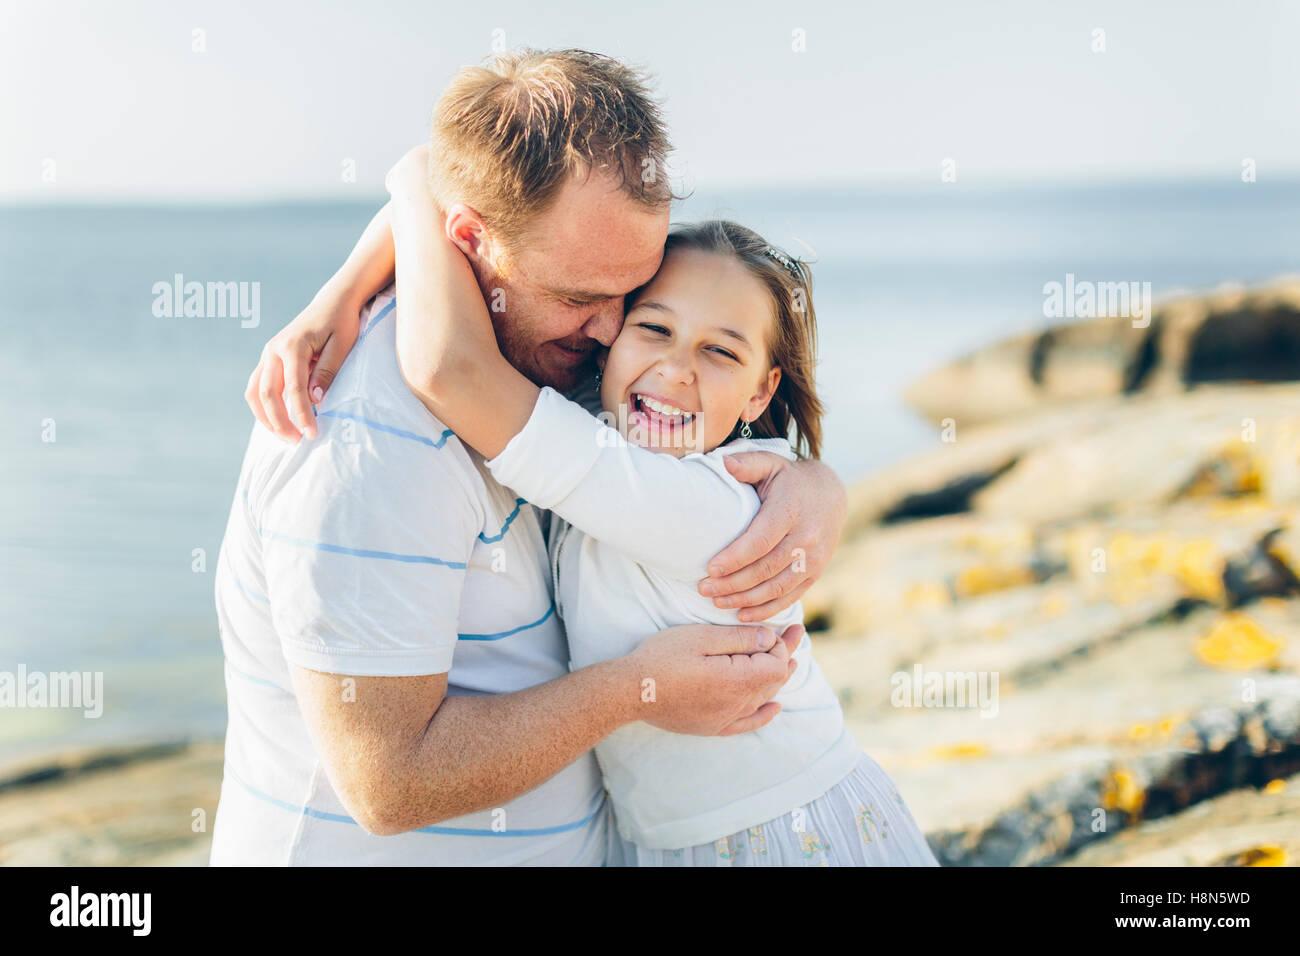 Hombre abrace chica (10-11) Imagen De Stock